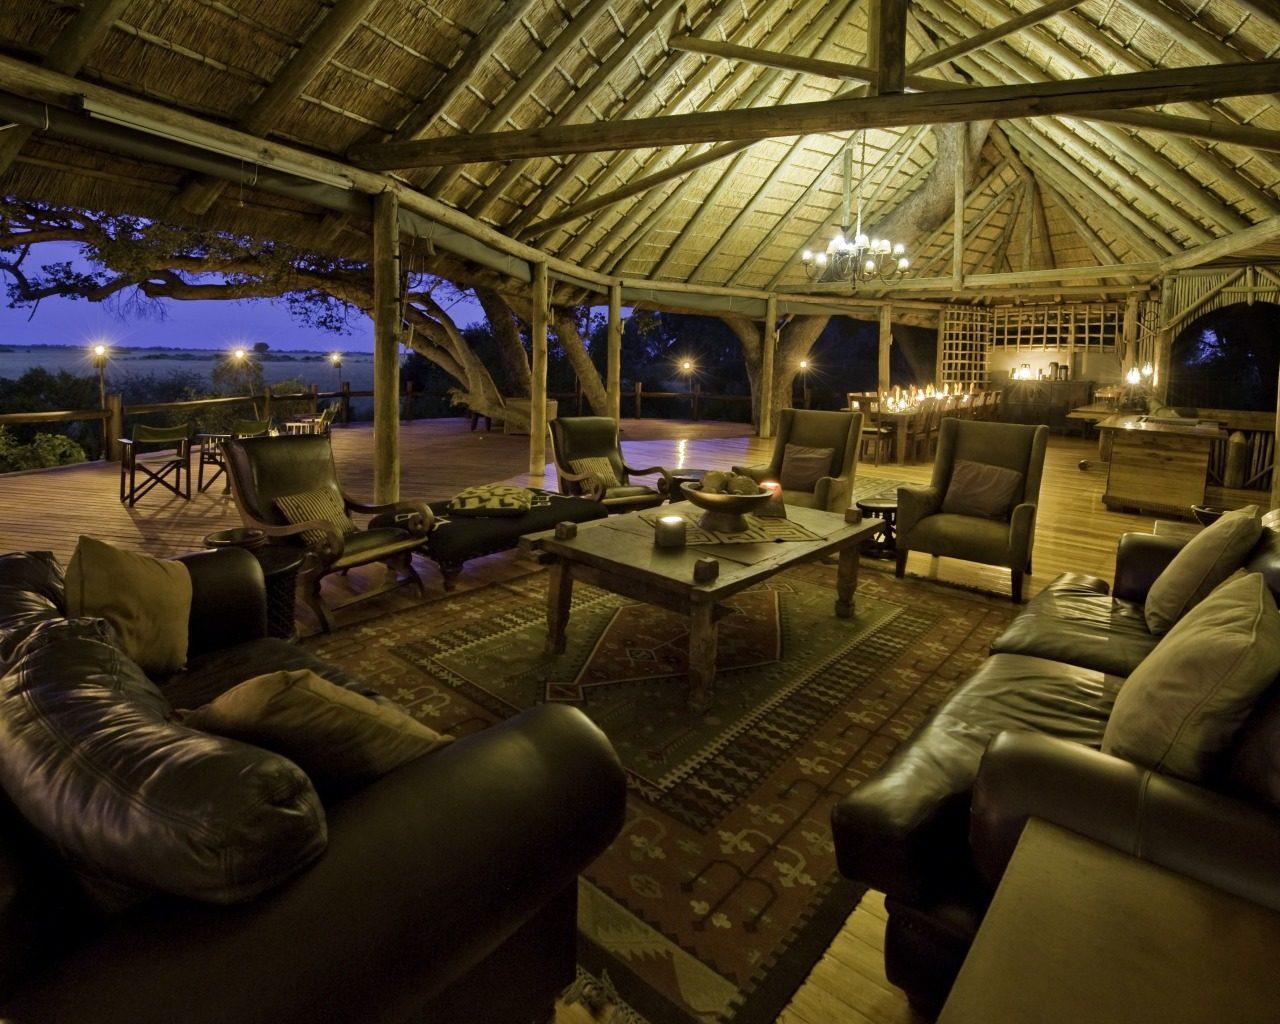 Botswana, Okavango Delta, Kwetsani Lounge